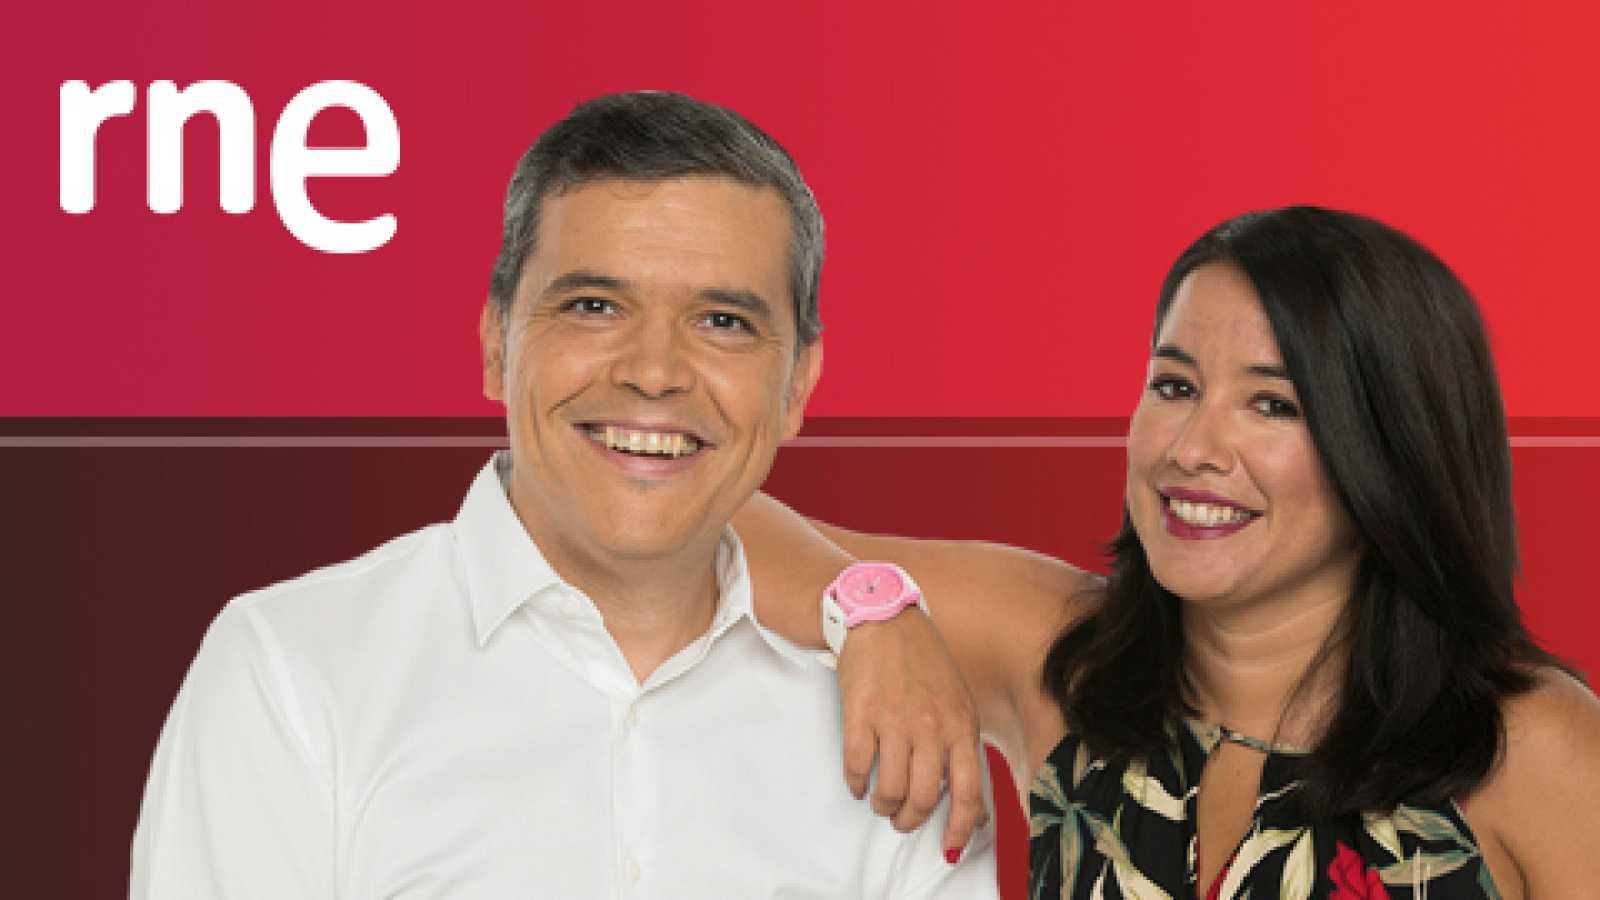 Las mañanas de RNE con Alfredo Menéndez - Tercera hora - 16/08/19 - escuchar ahora